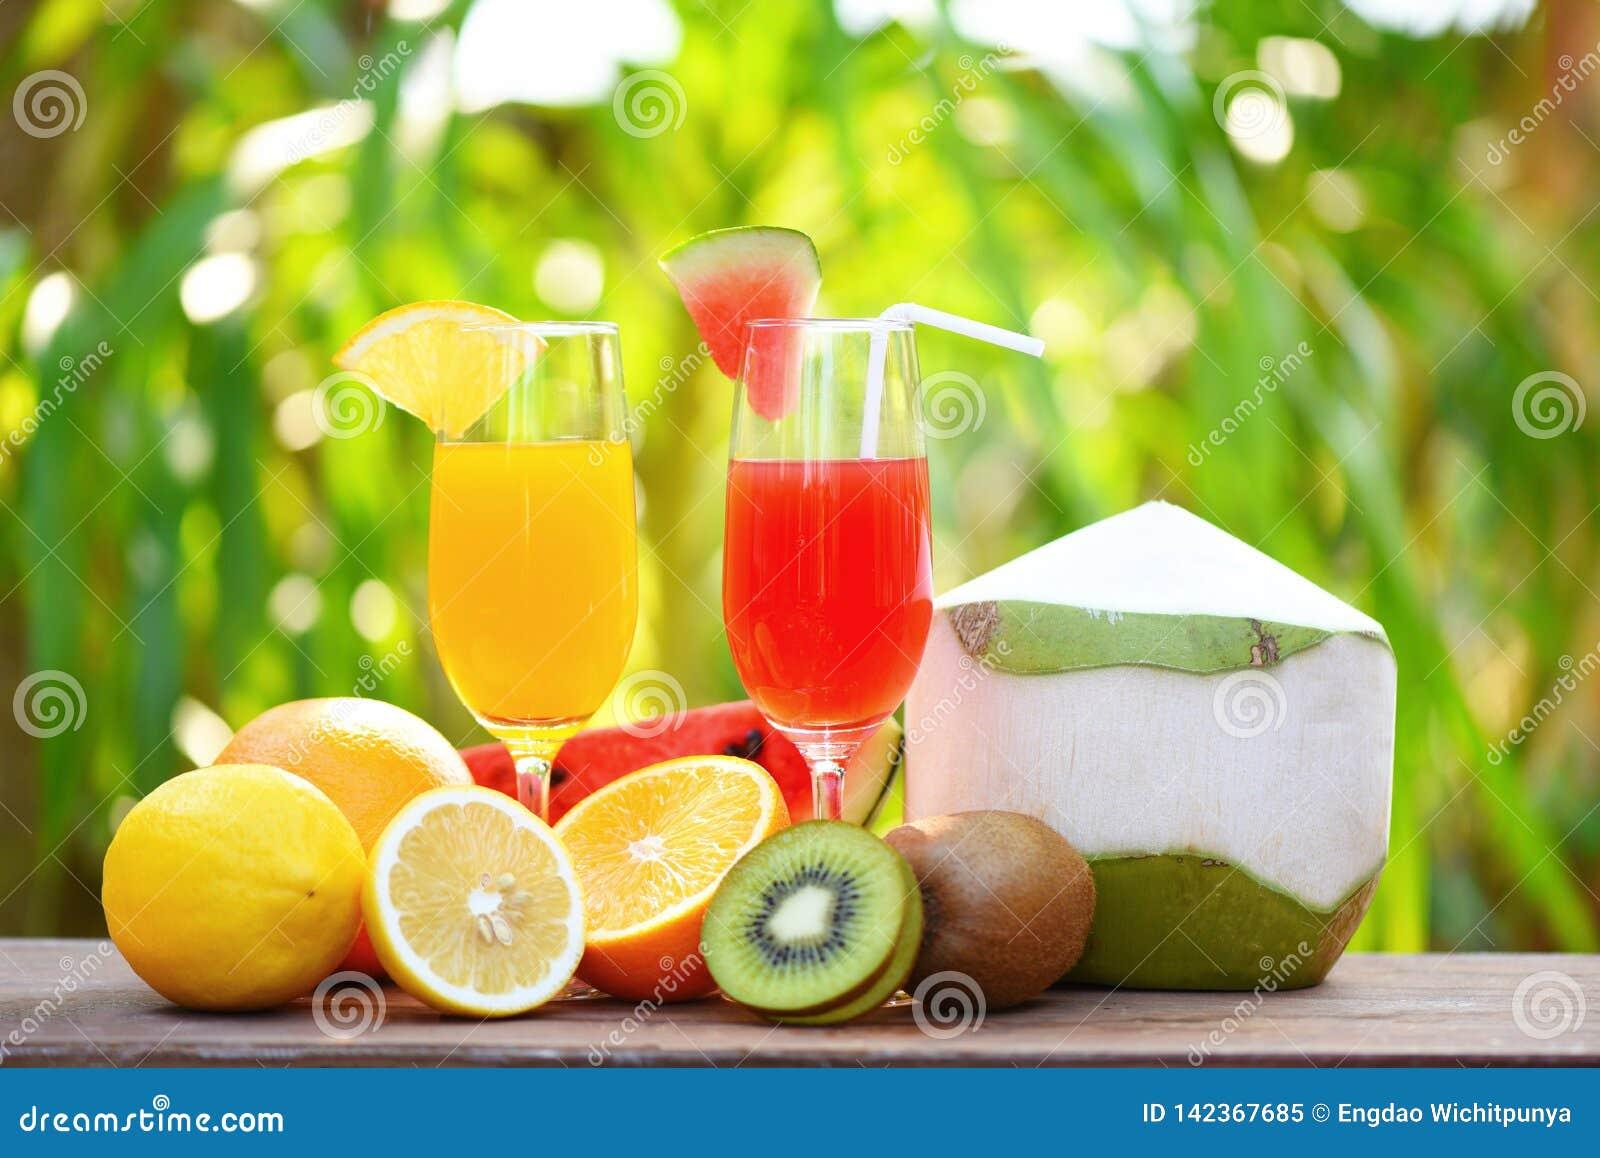 设置热带水果五颜六色和新鲜的夏天汁液玻璃健康食物